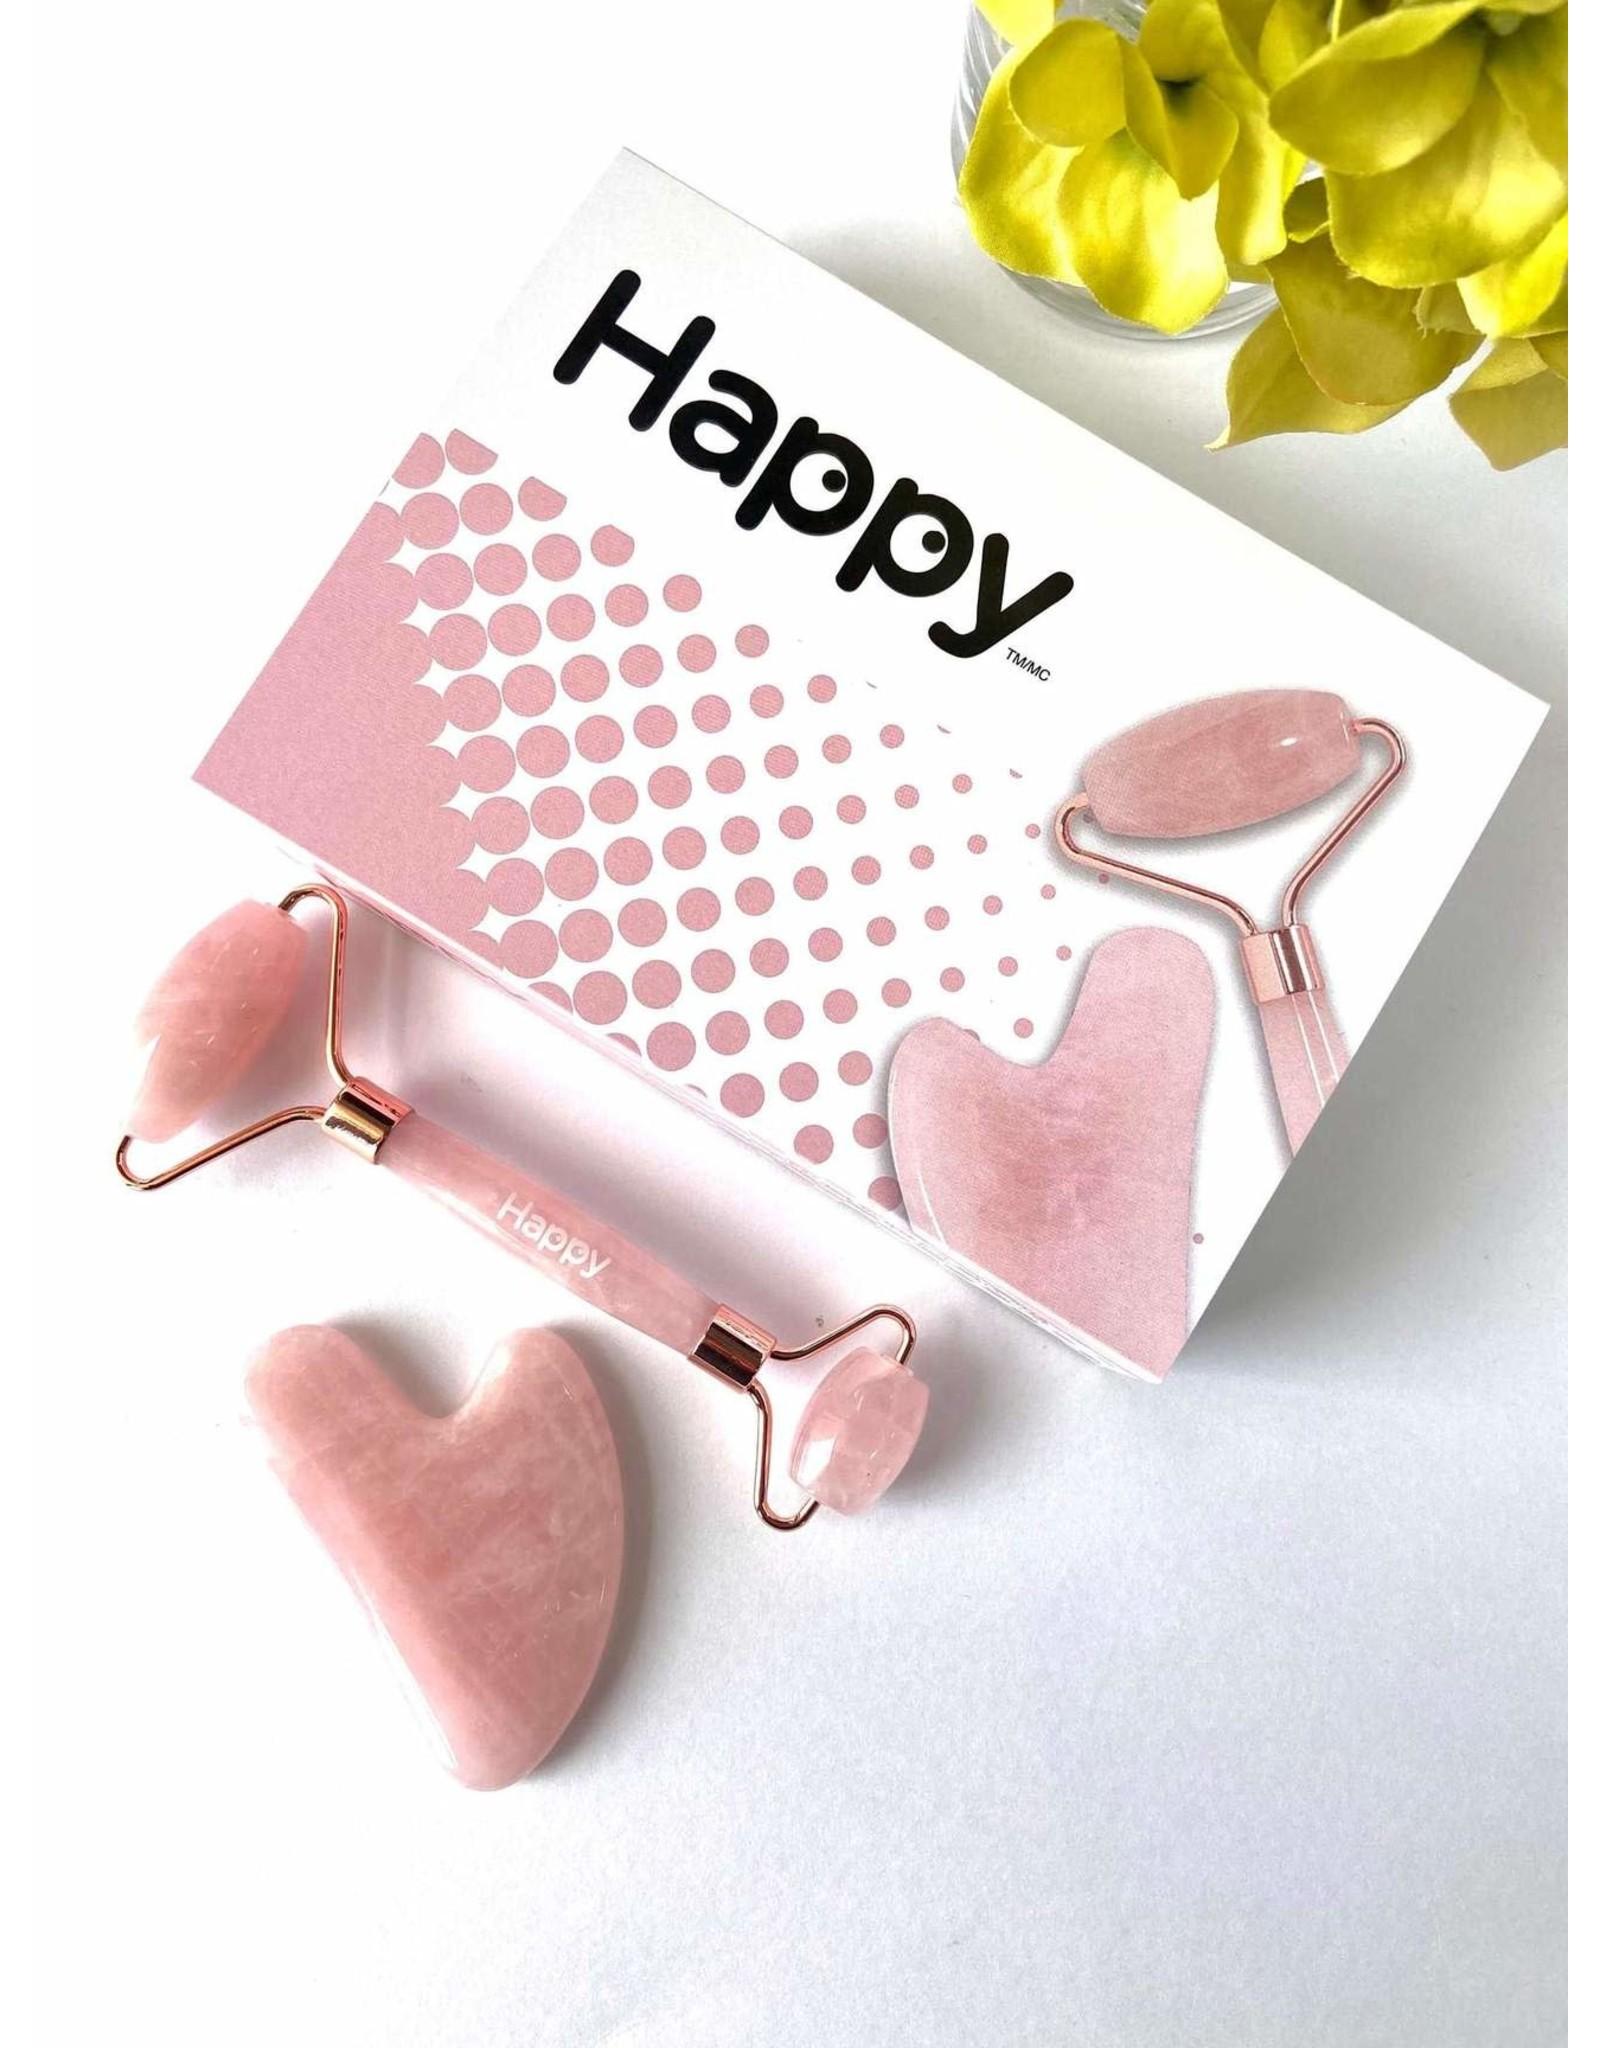 Happy Natural Products Rose Quartz Facial Roller & Gua Sha Set